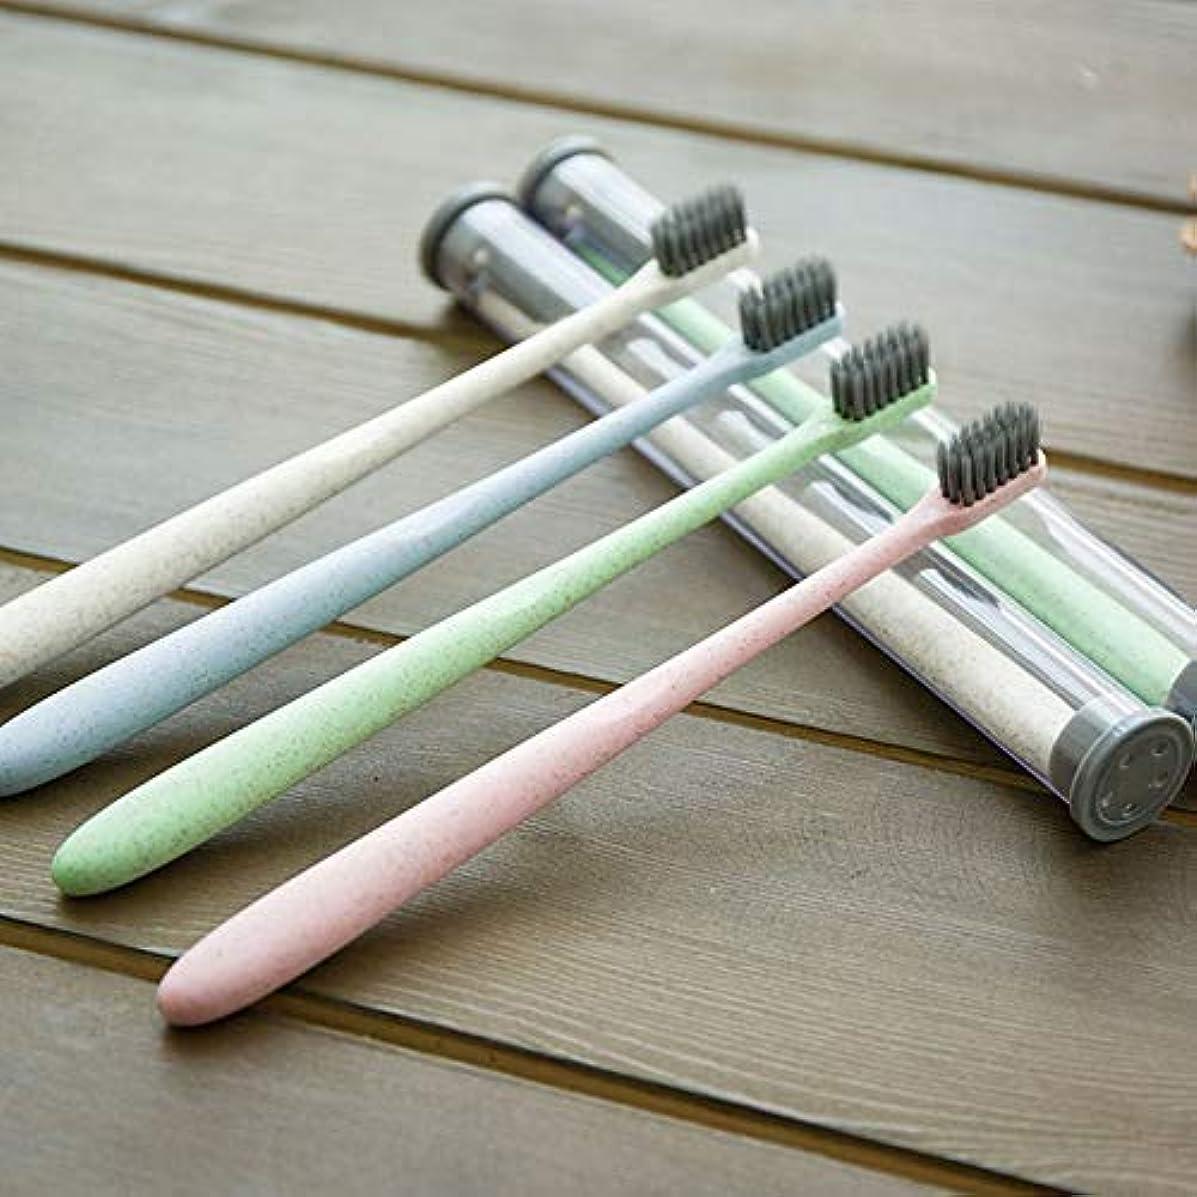 ドループ事実上カレンダーホームトラベル大人小麦わら歯ブラシポータブルソフト歯ブラシクリーニング歯ガードツール収納ケース付き - グリーン